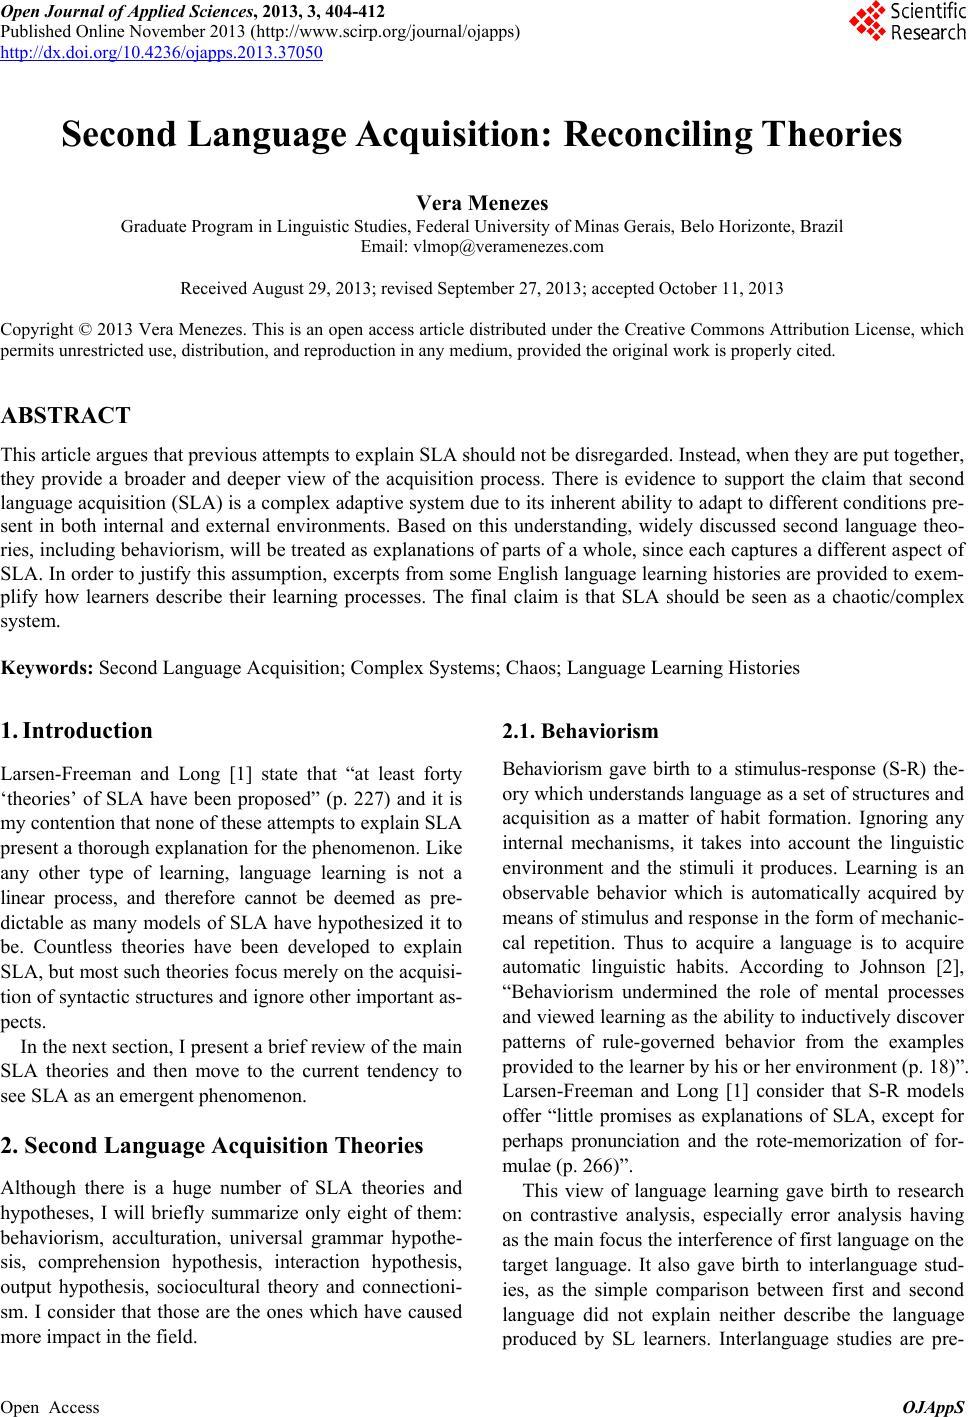 Behaviorism essay